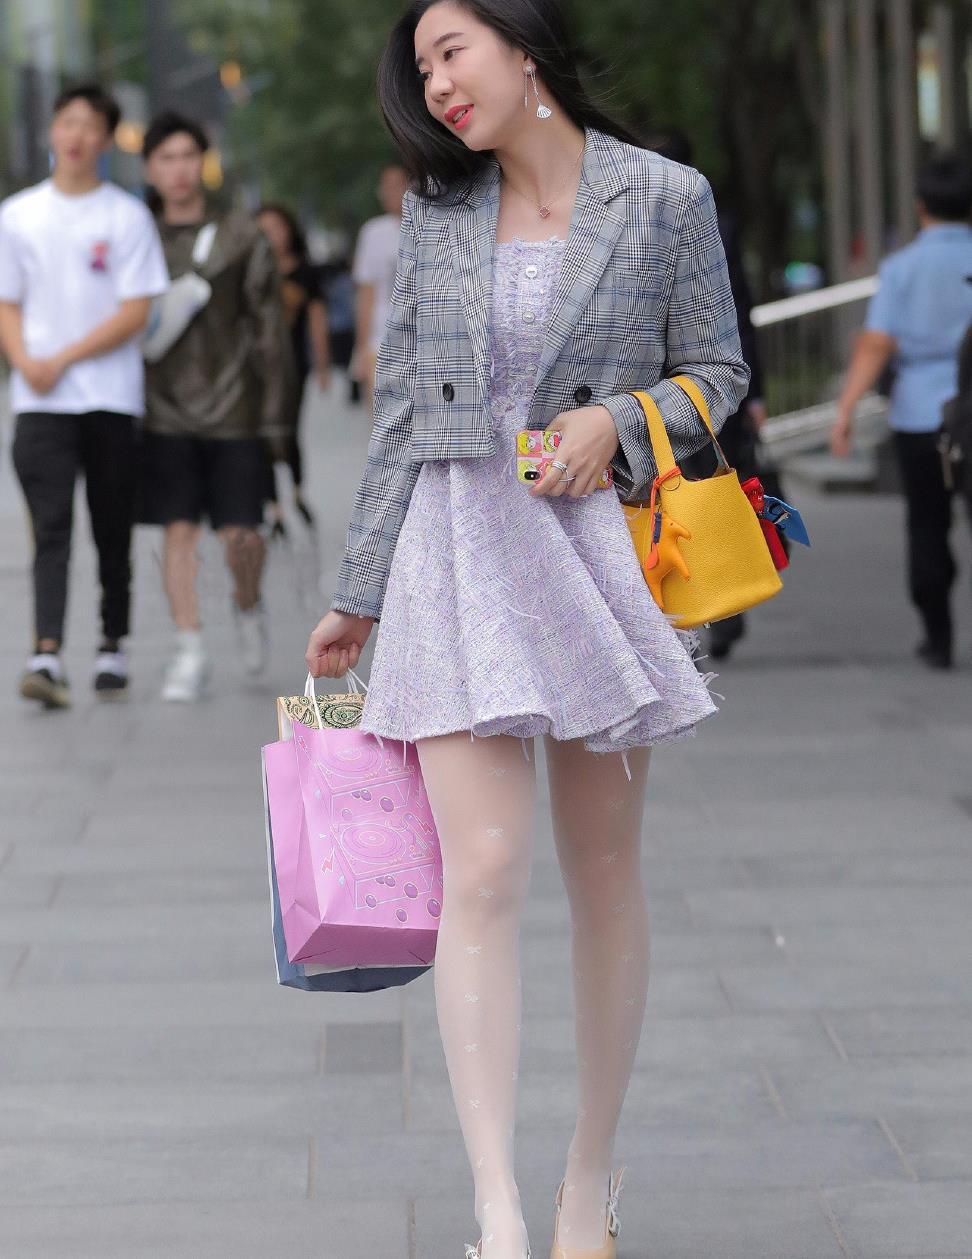 时尚女生真会穿,连衣短裙外搭短西装,造型显得优雅又高级